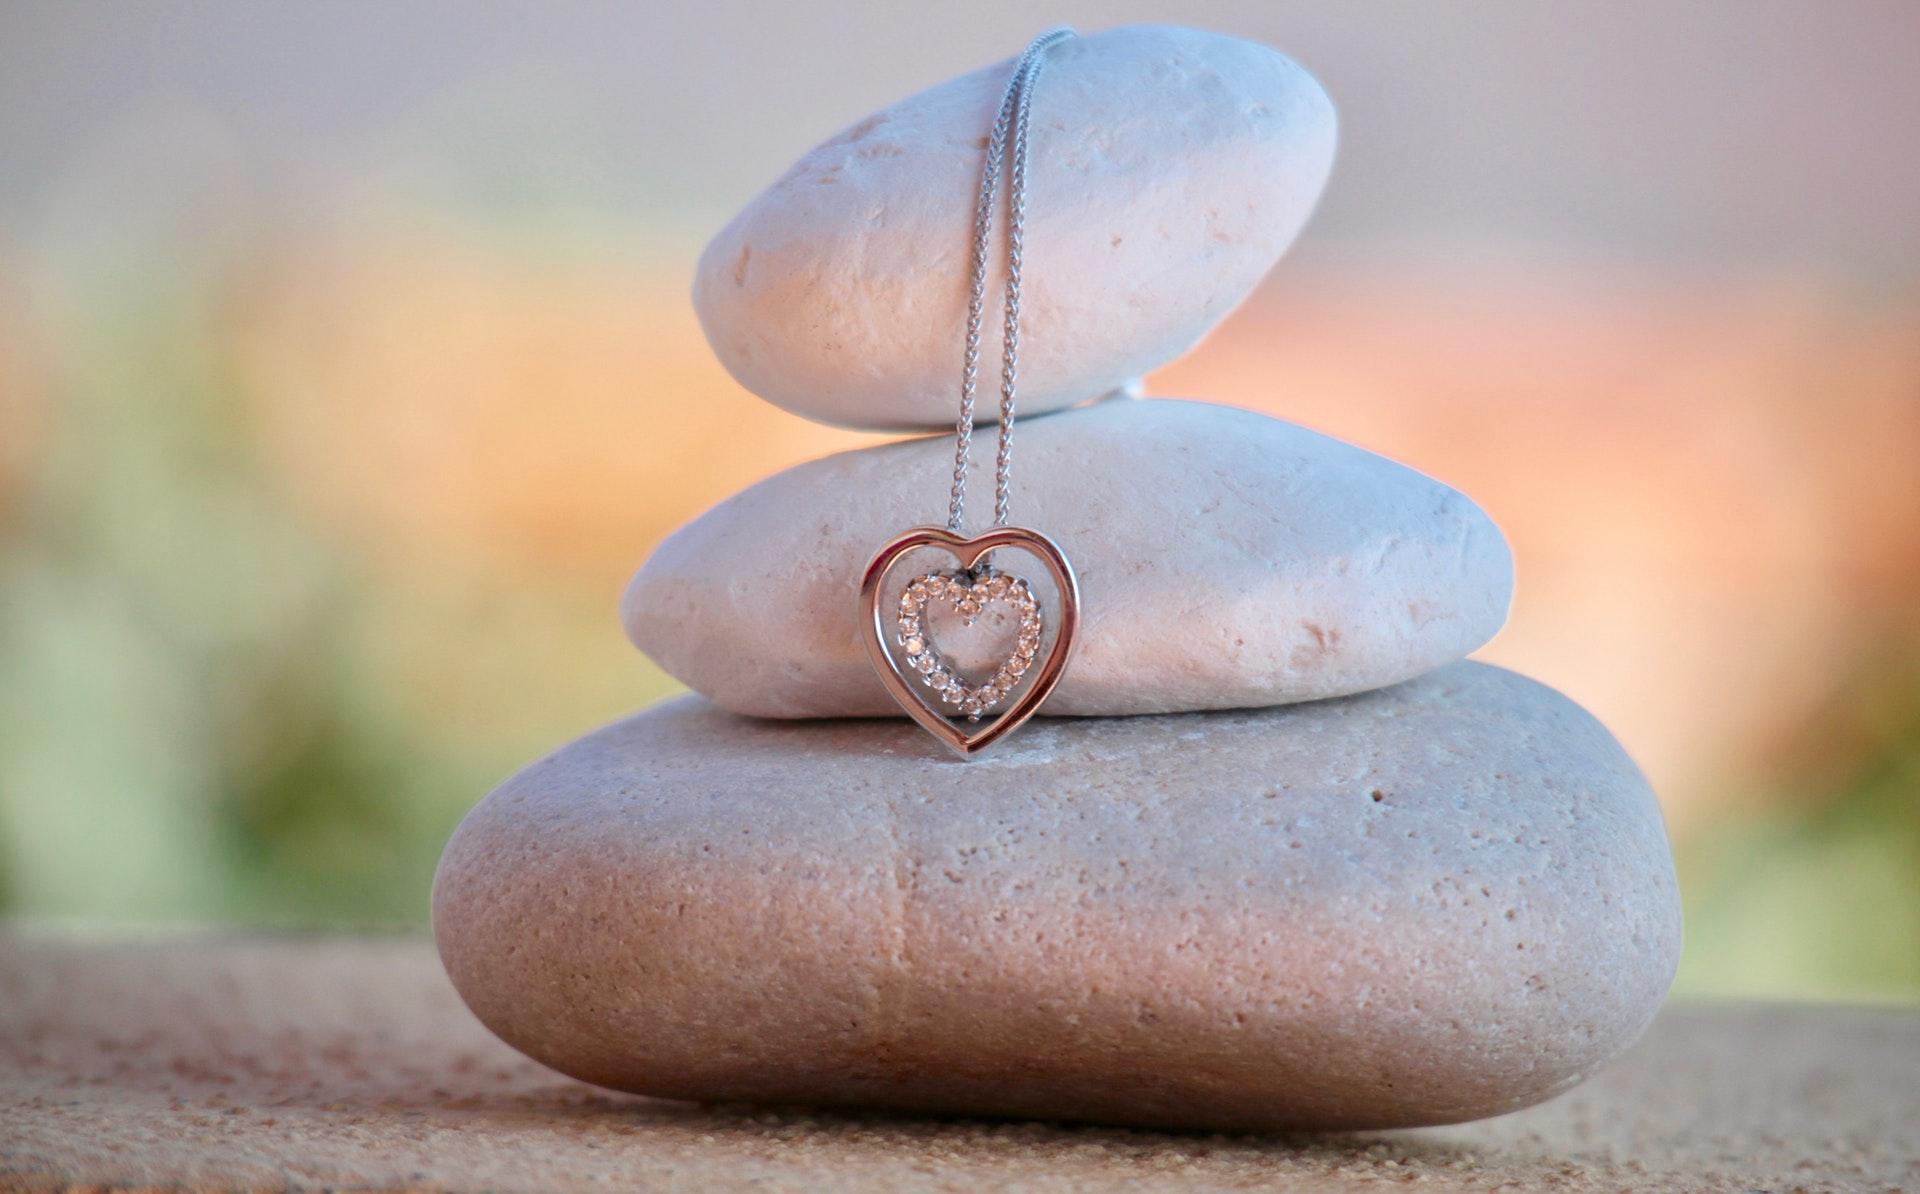 Stresshantering - I det stressade samhälle vi lever i idag är det viktigt att komma ihåg att stanna upp och slappna av. Här nedan finns samlade texter och resurser för att hjälpa dig hitta inspirationen och motivationen till att ge dig själv den avkoppling du behöver.